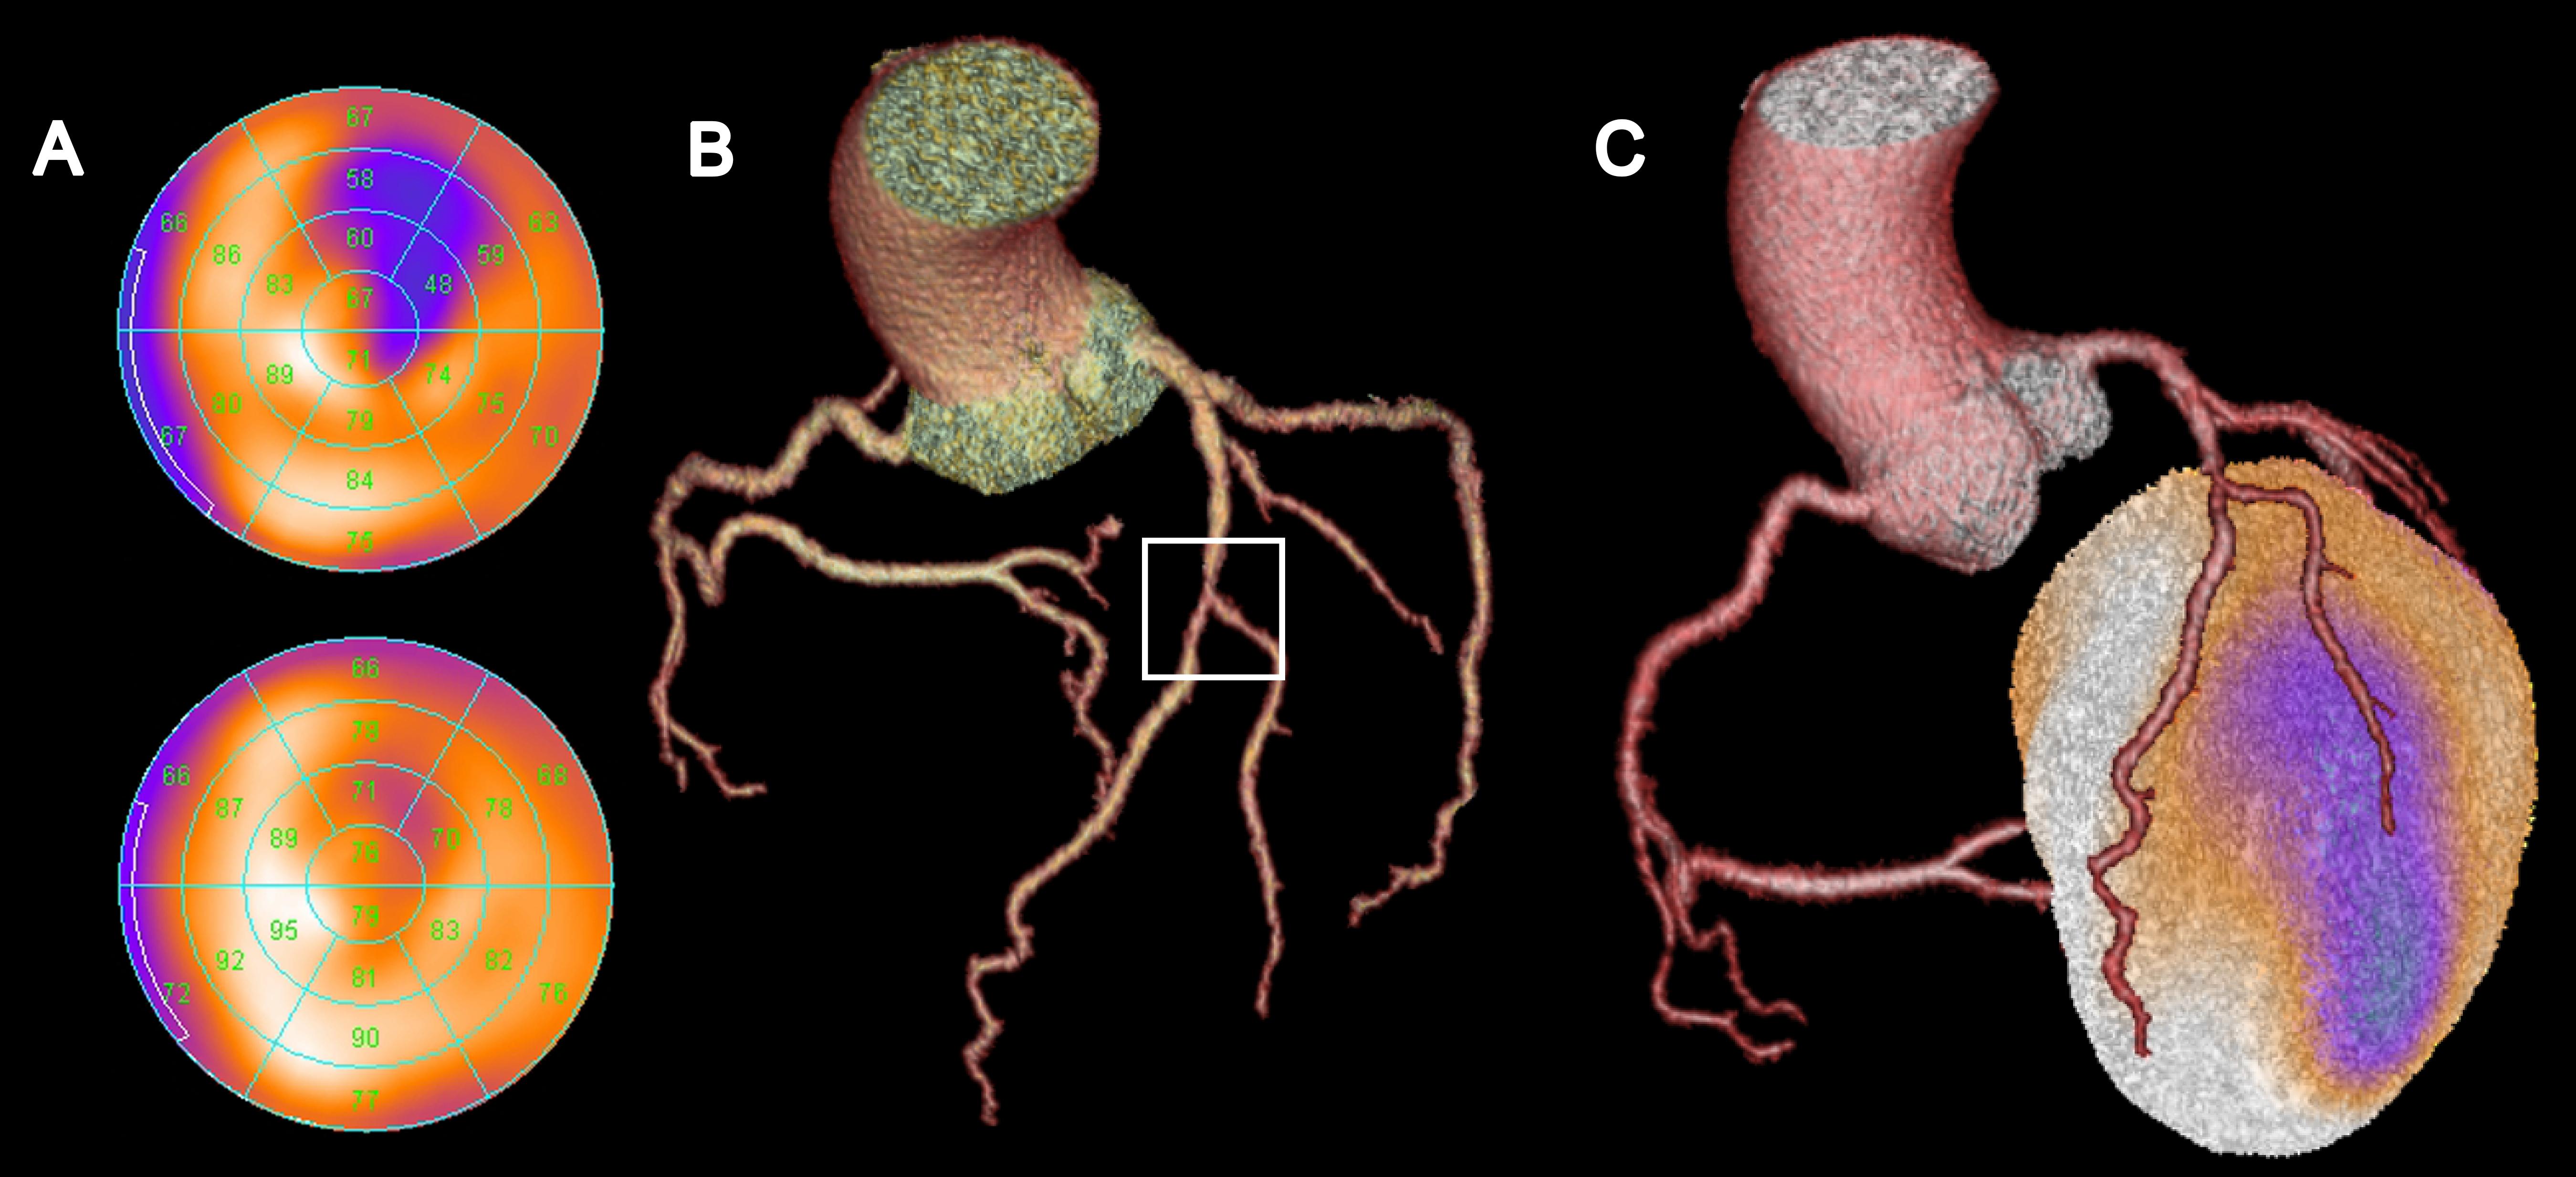 3D Aufnahme einer Aorta